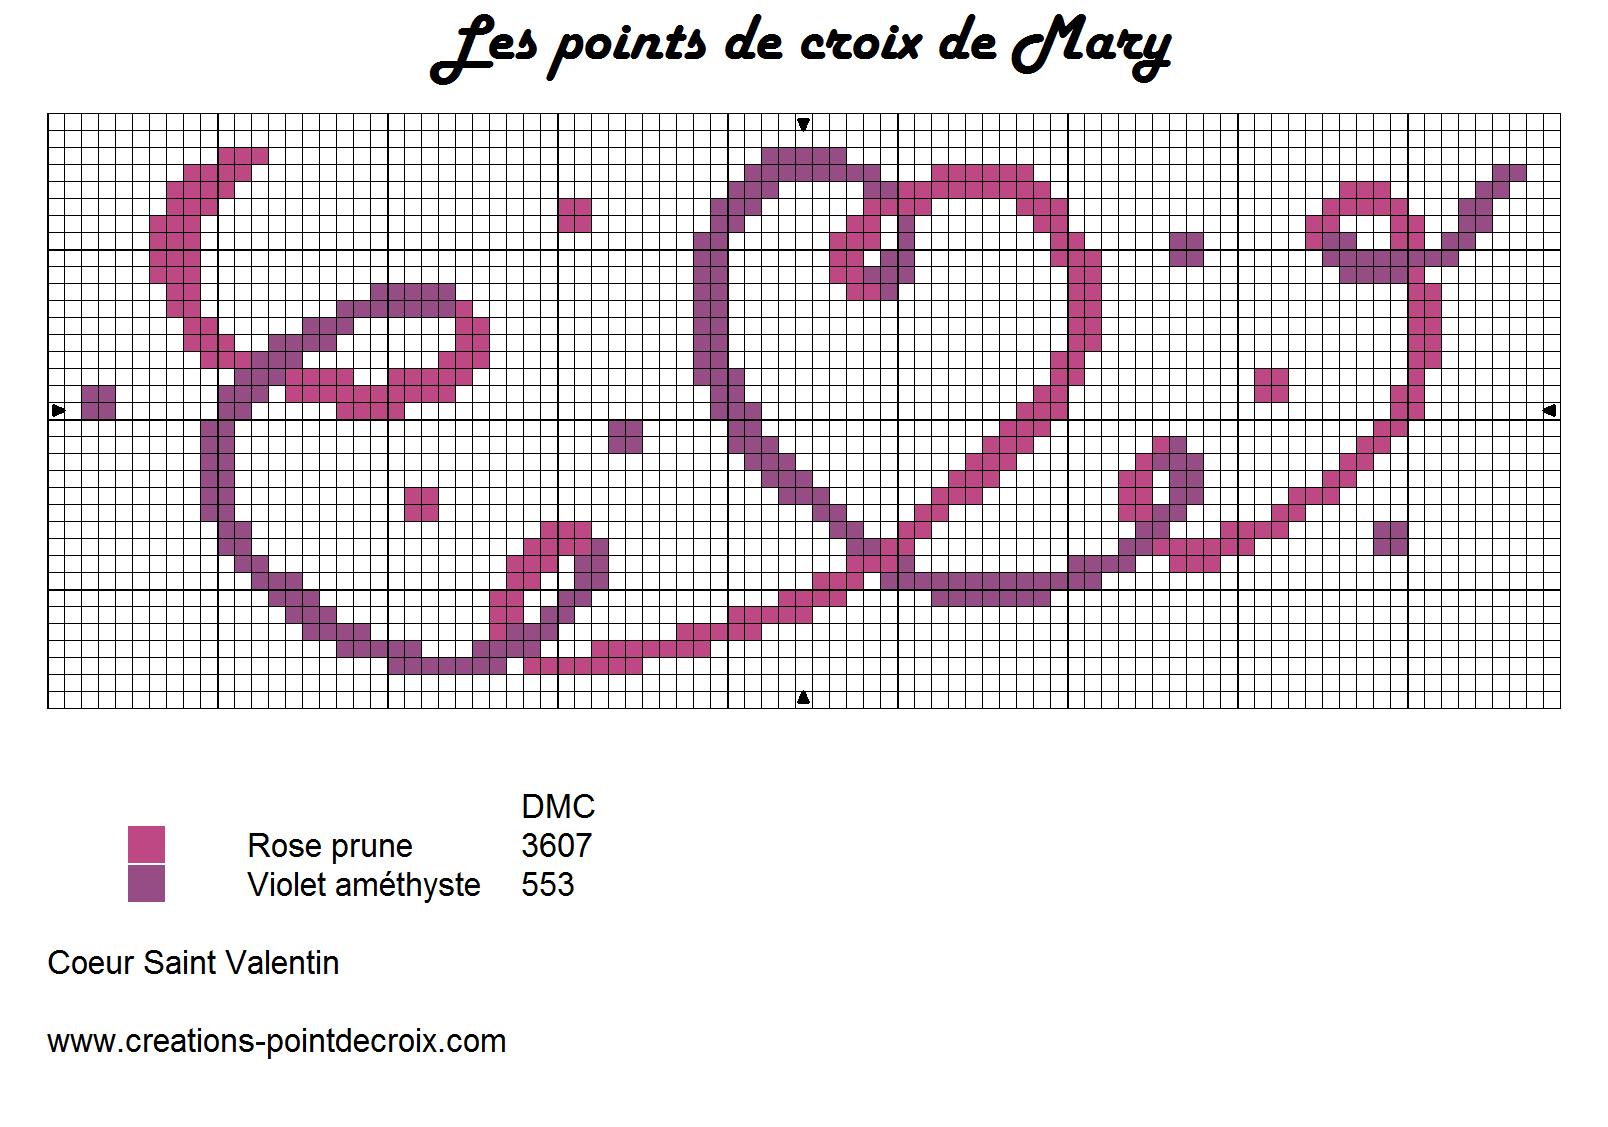 Grille gratuite les points de croix de mary page 2 - Grilles gratuites point de croix dmc ...